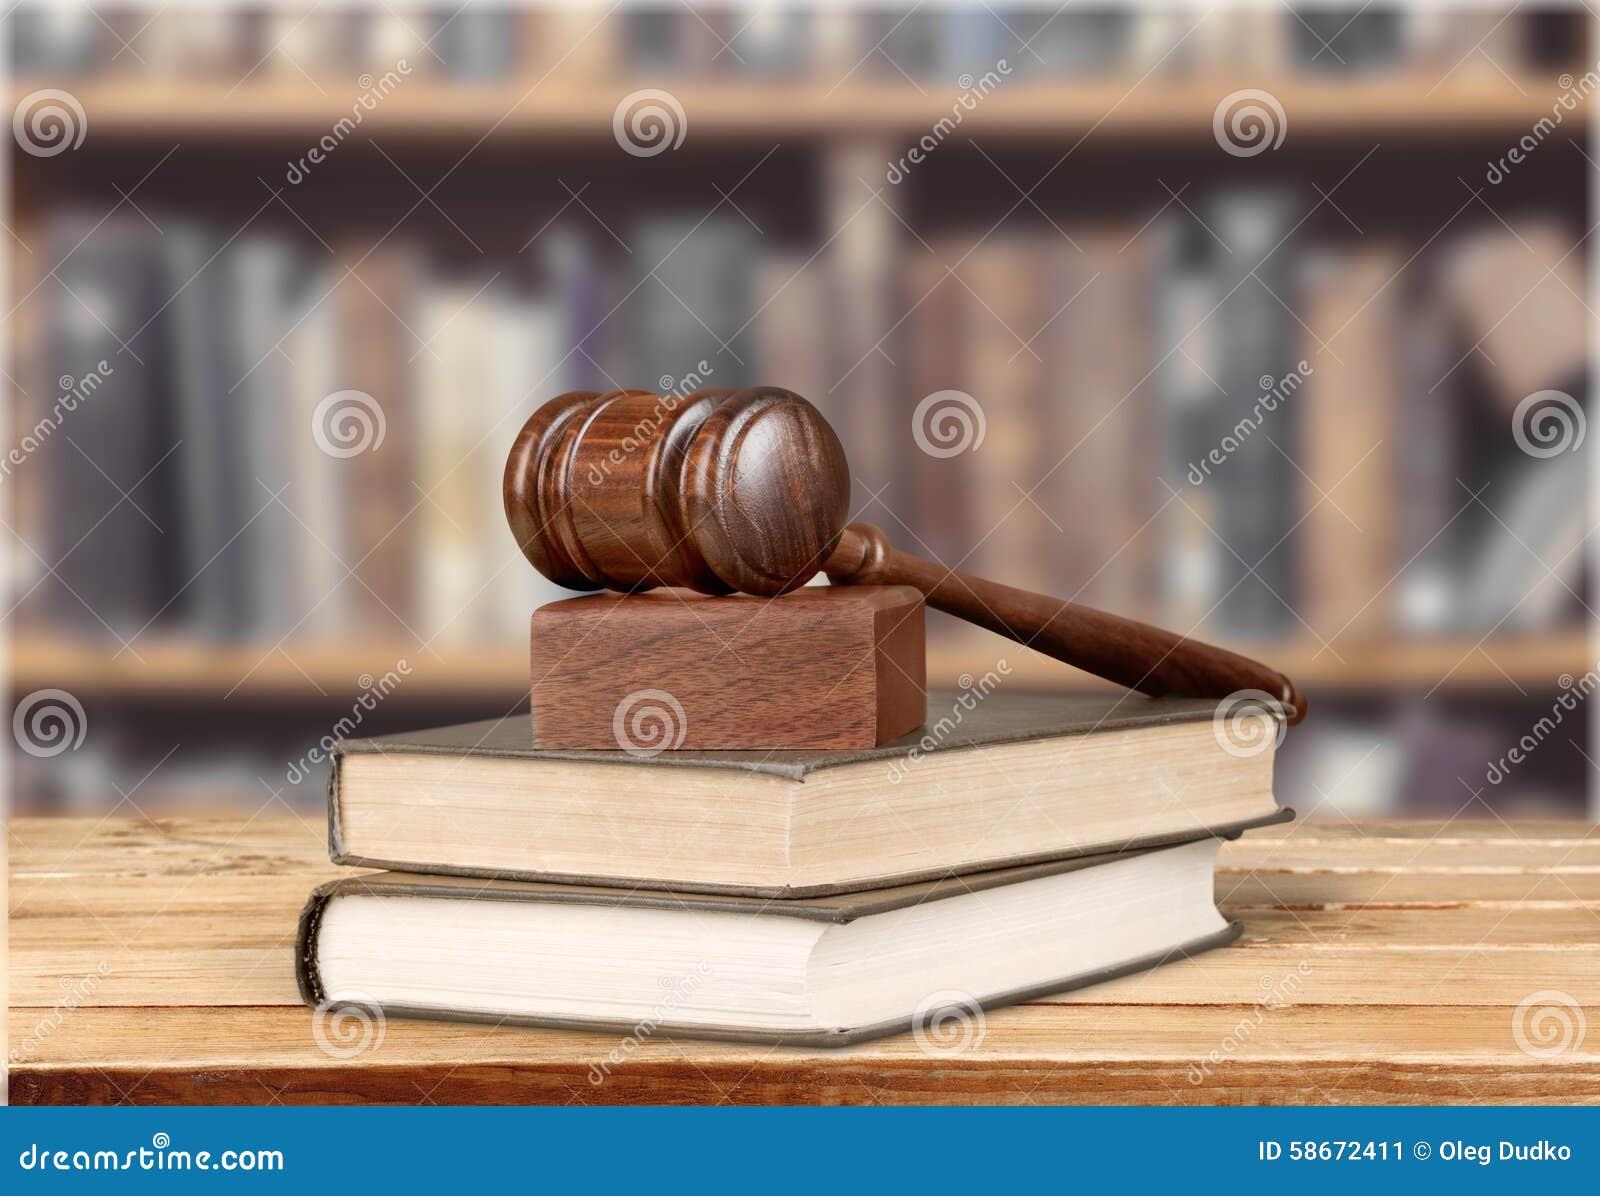 mid pro divorce legislation faces - HD1300×988